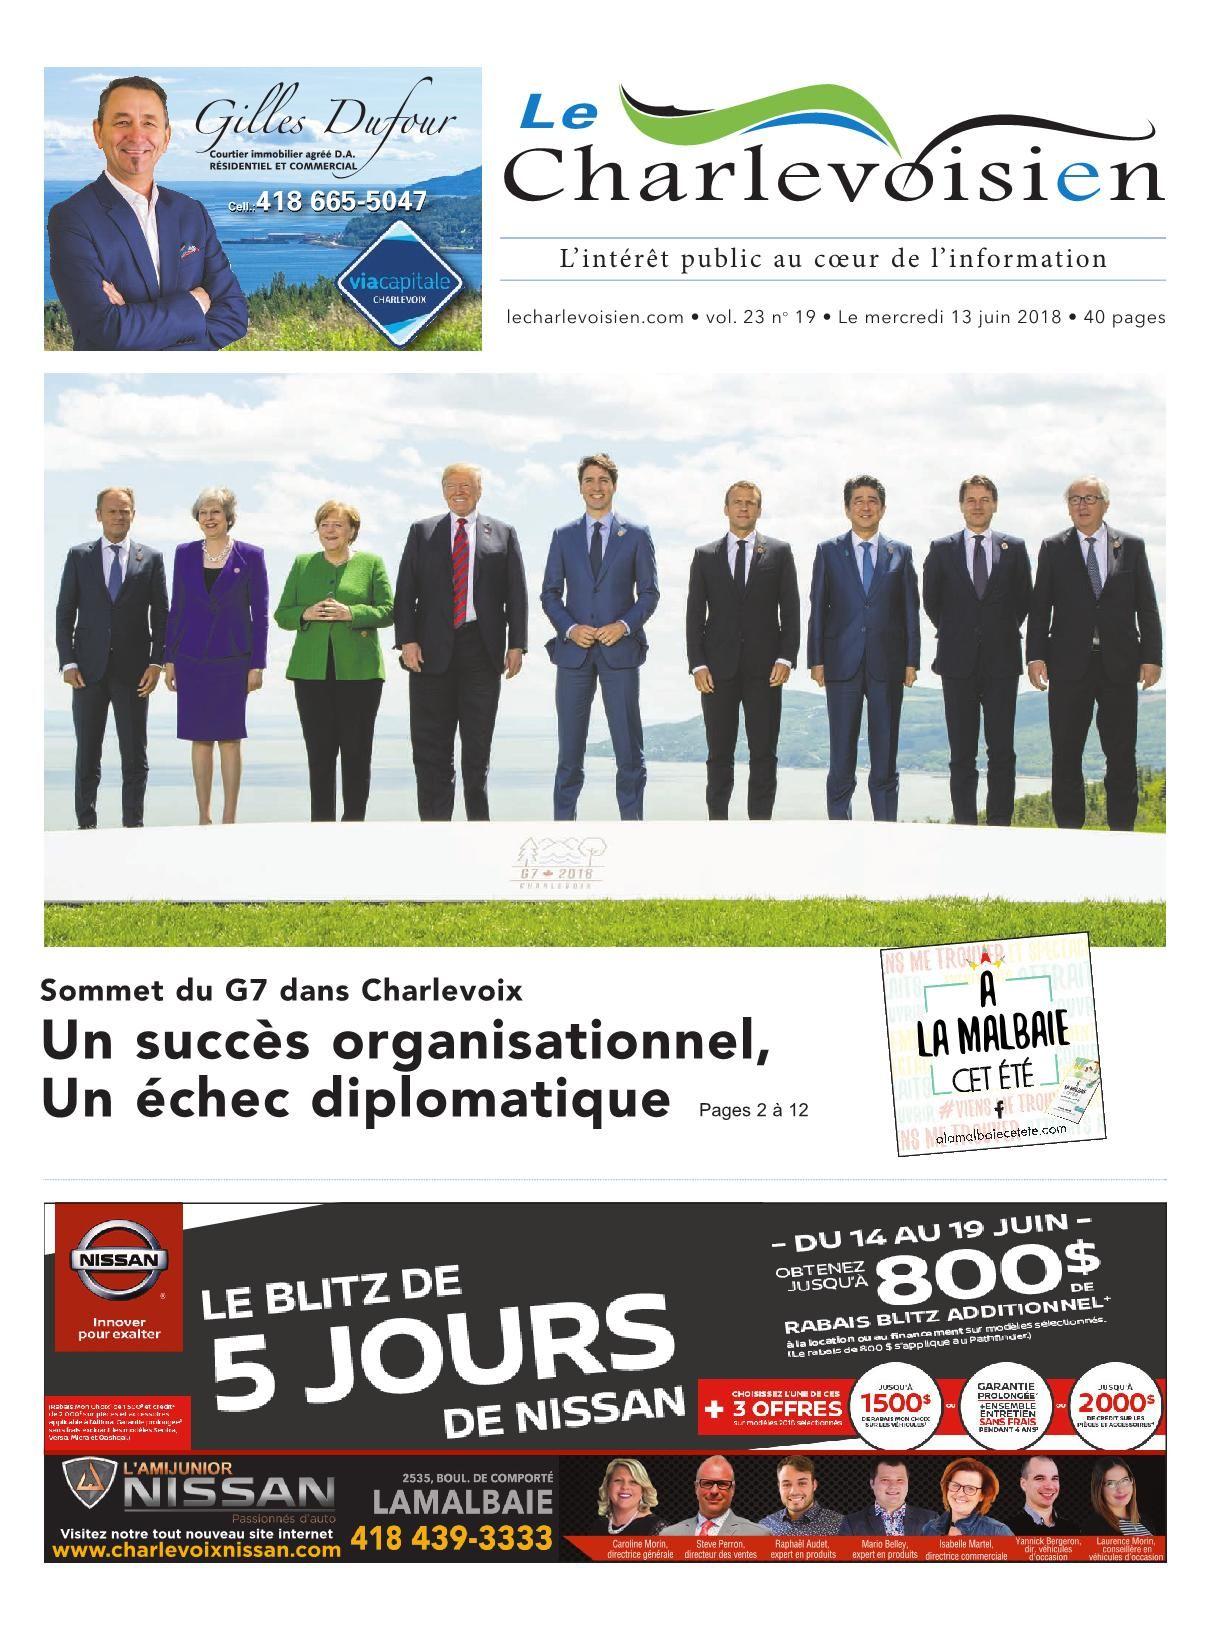 E Leclerc Livraison Beau Le Charlevoisien 13 Juin 2018 Pages 1 40 Text Version Of 28 Beau E Leclerc Livraison